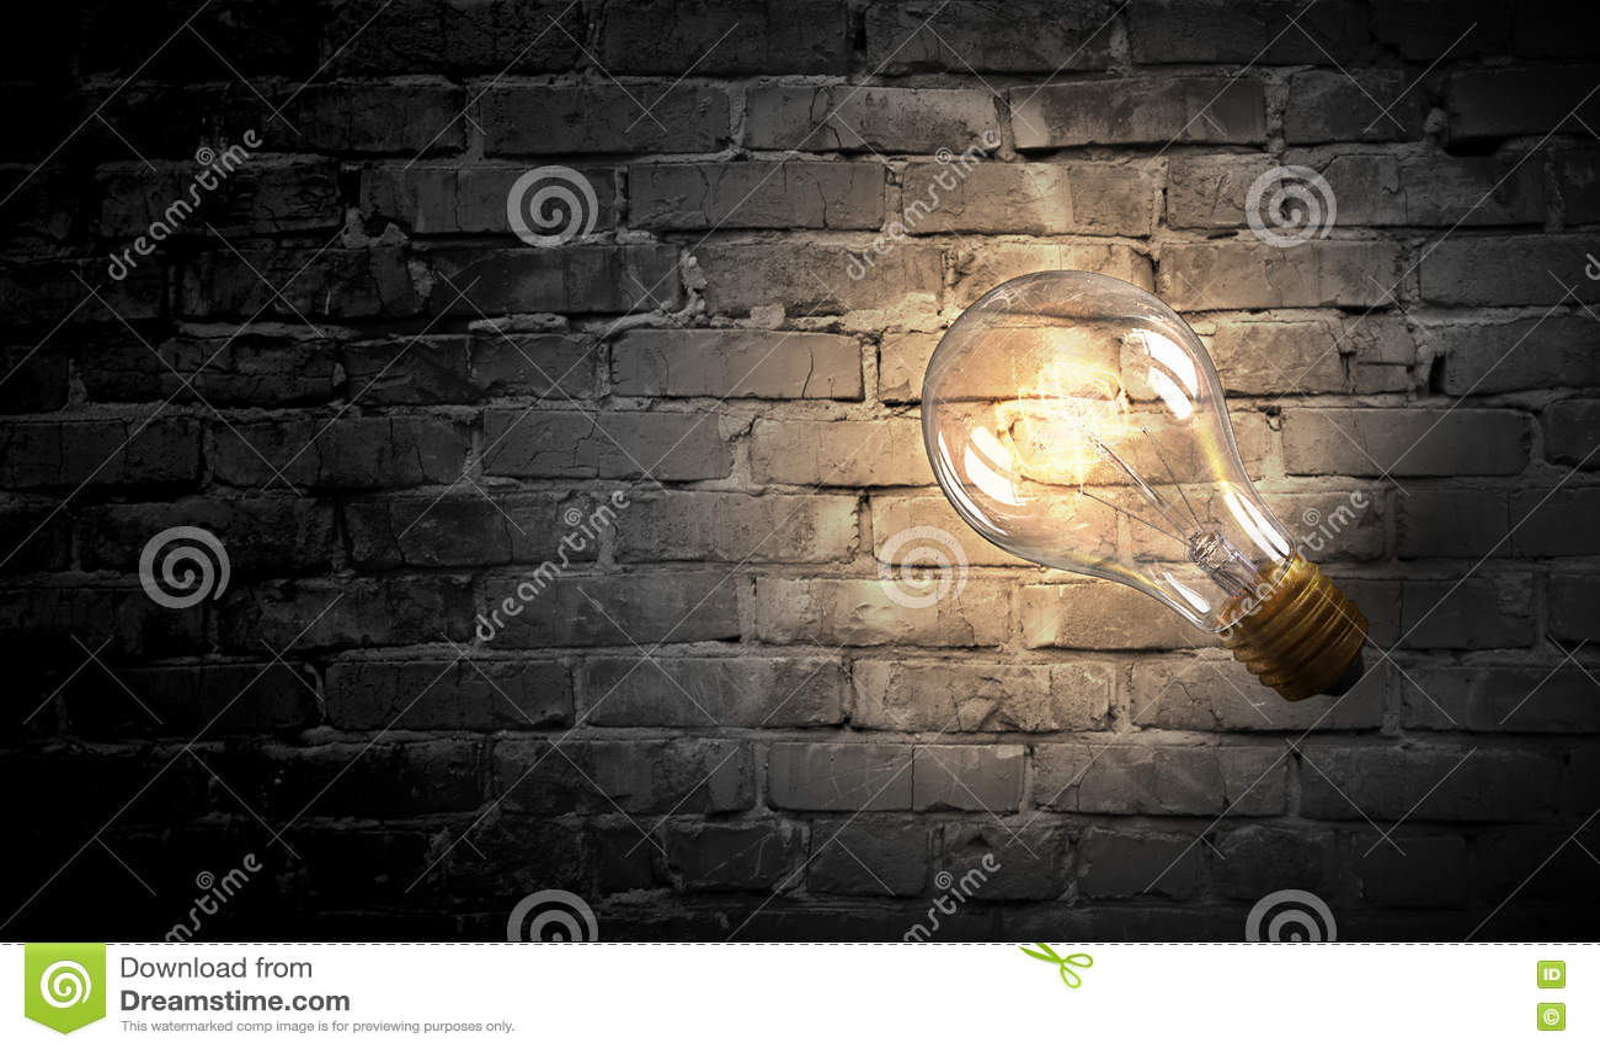 Электрическая лампочка на поверхности кирпича Мультимедиа